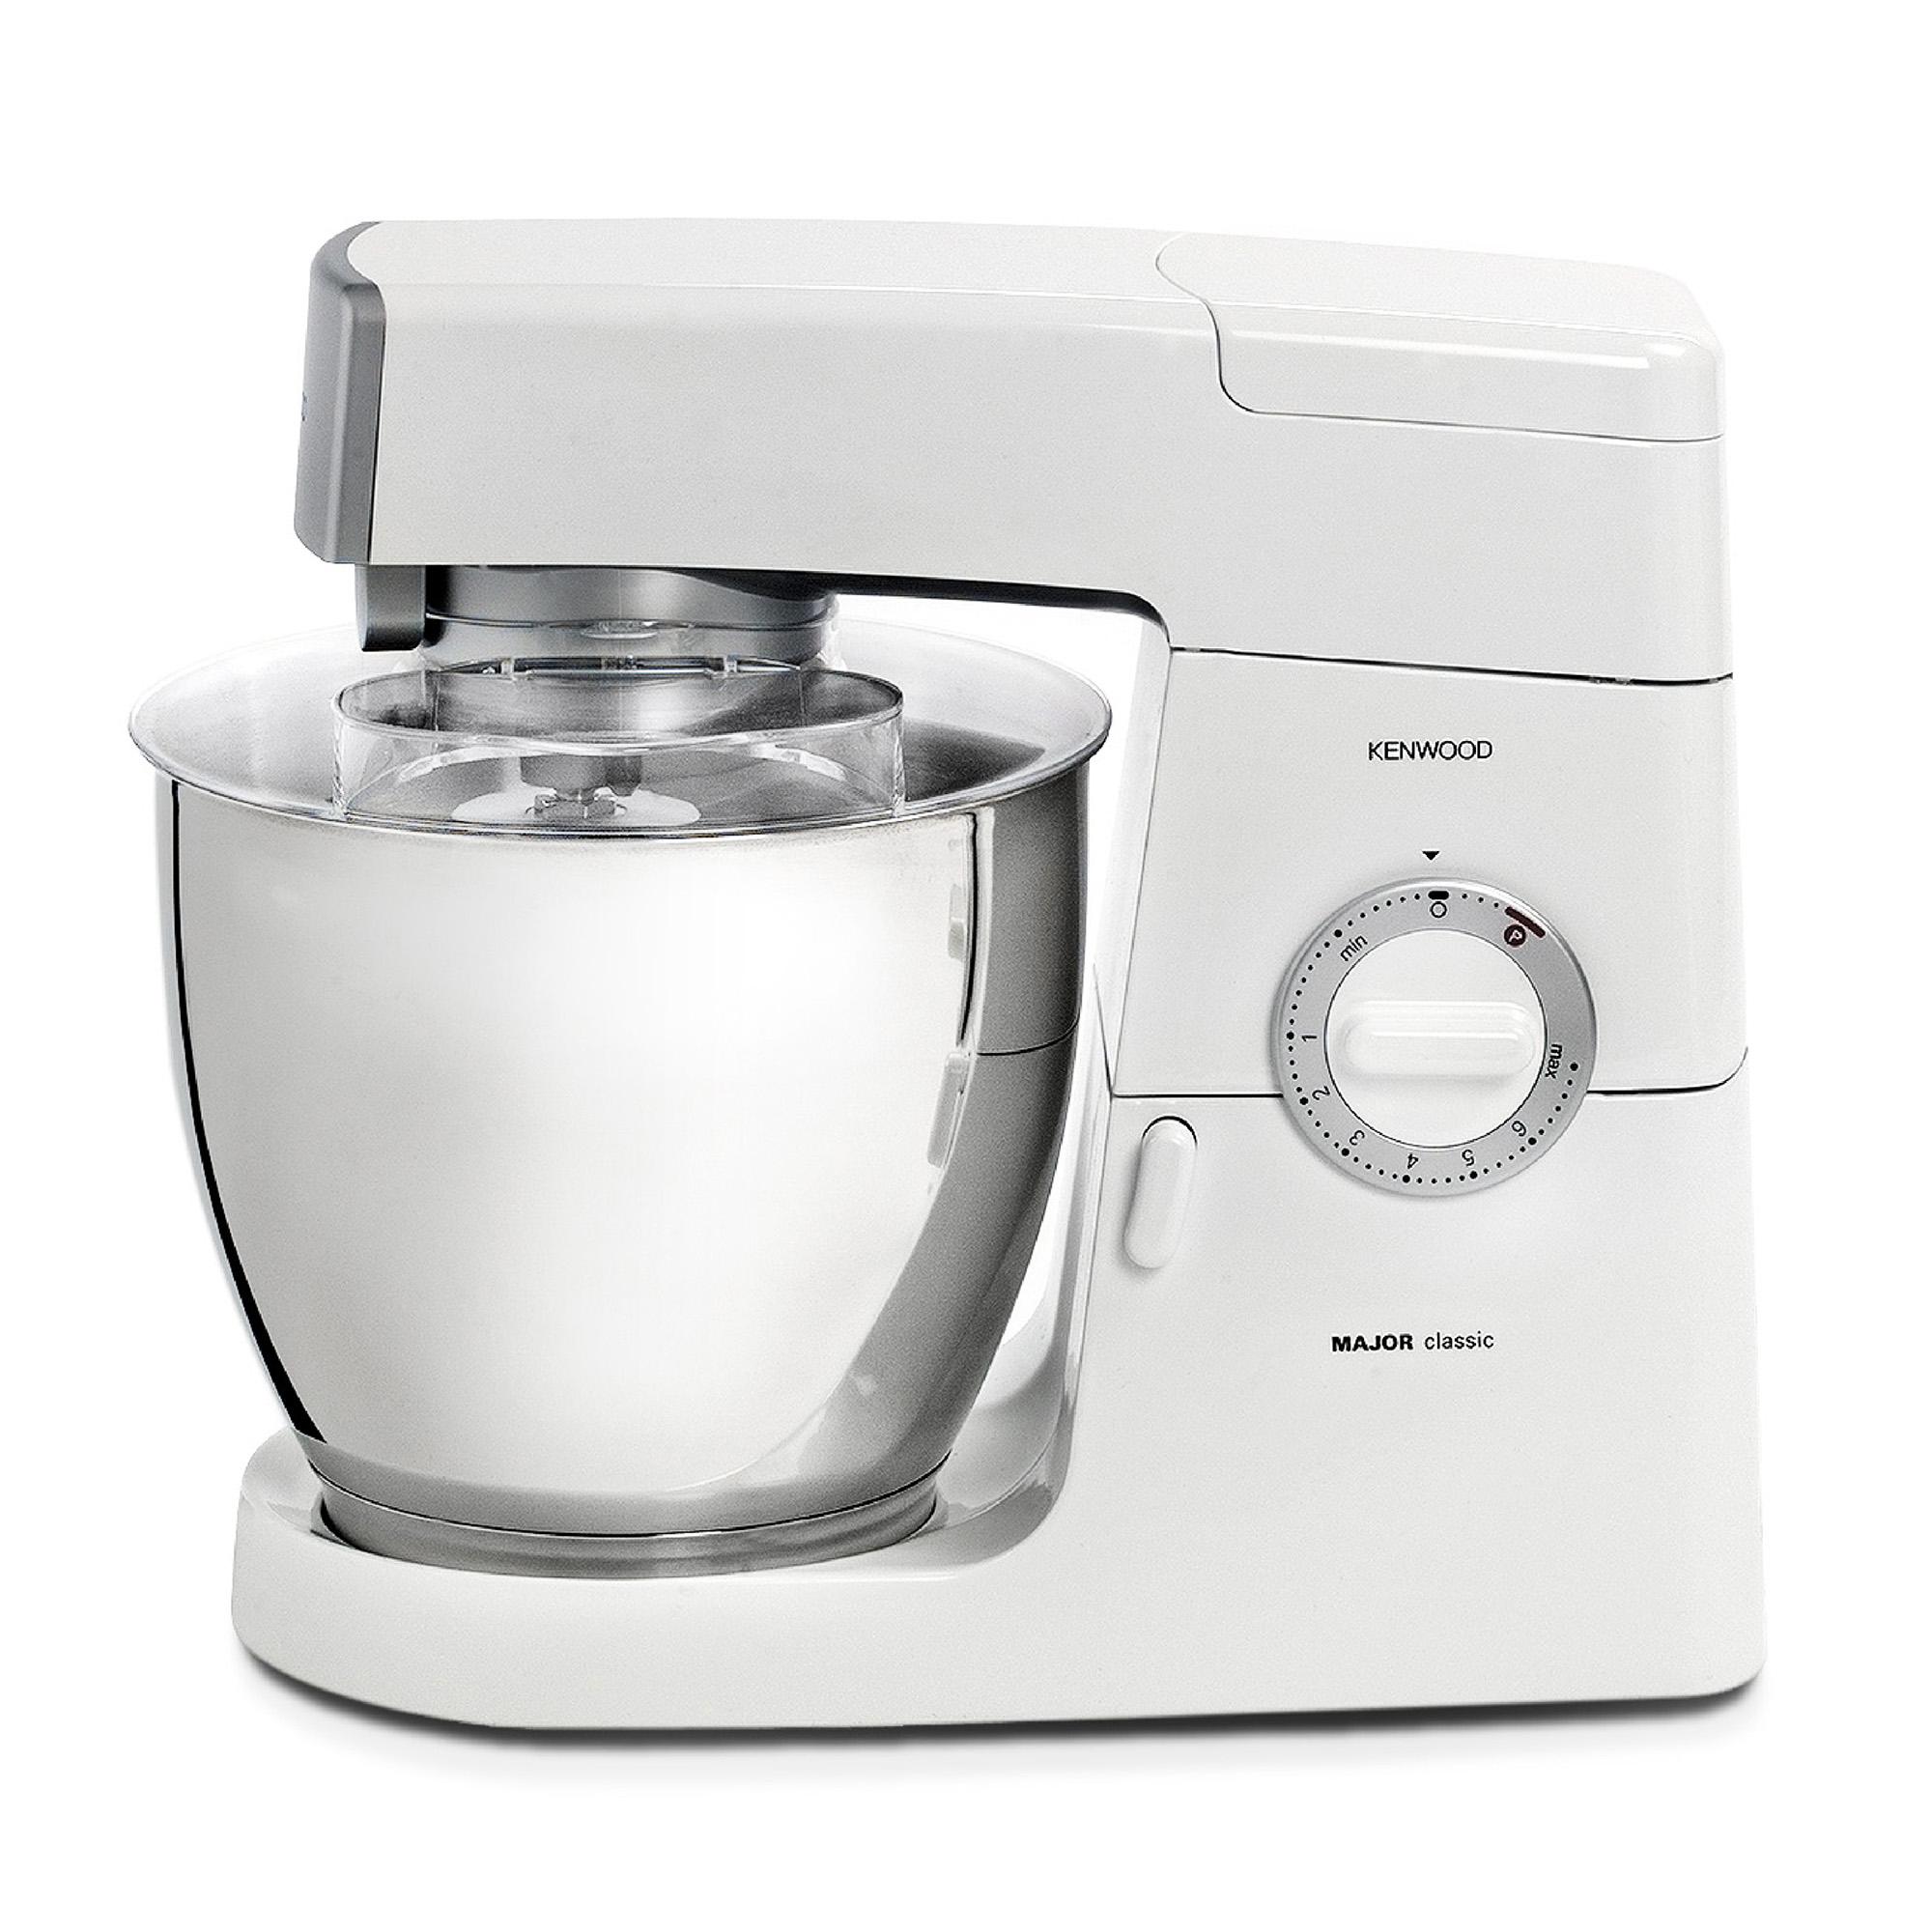 Kenwood KM636 Kitchen Machine - Silver